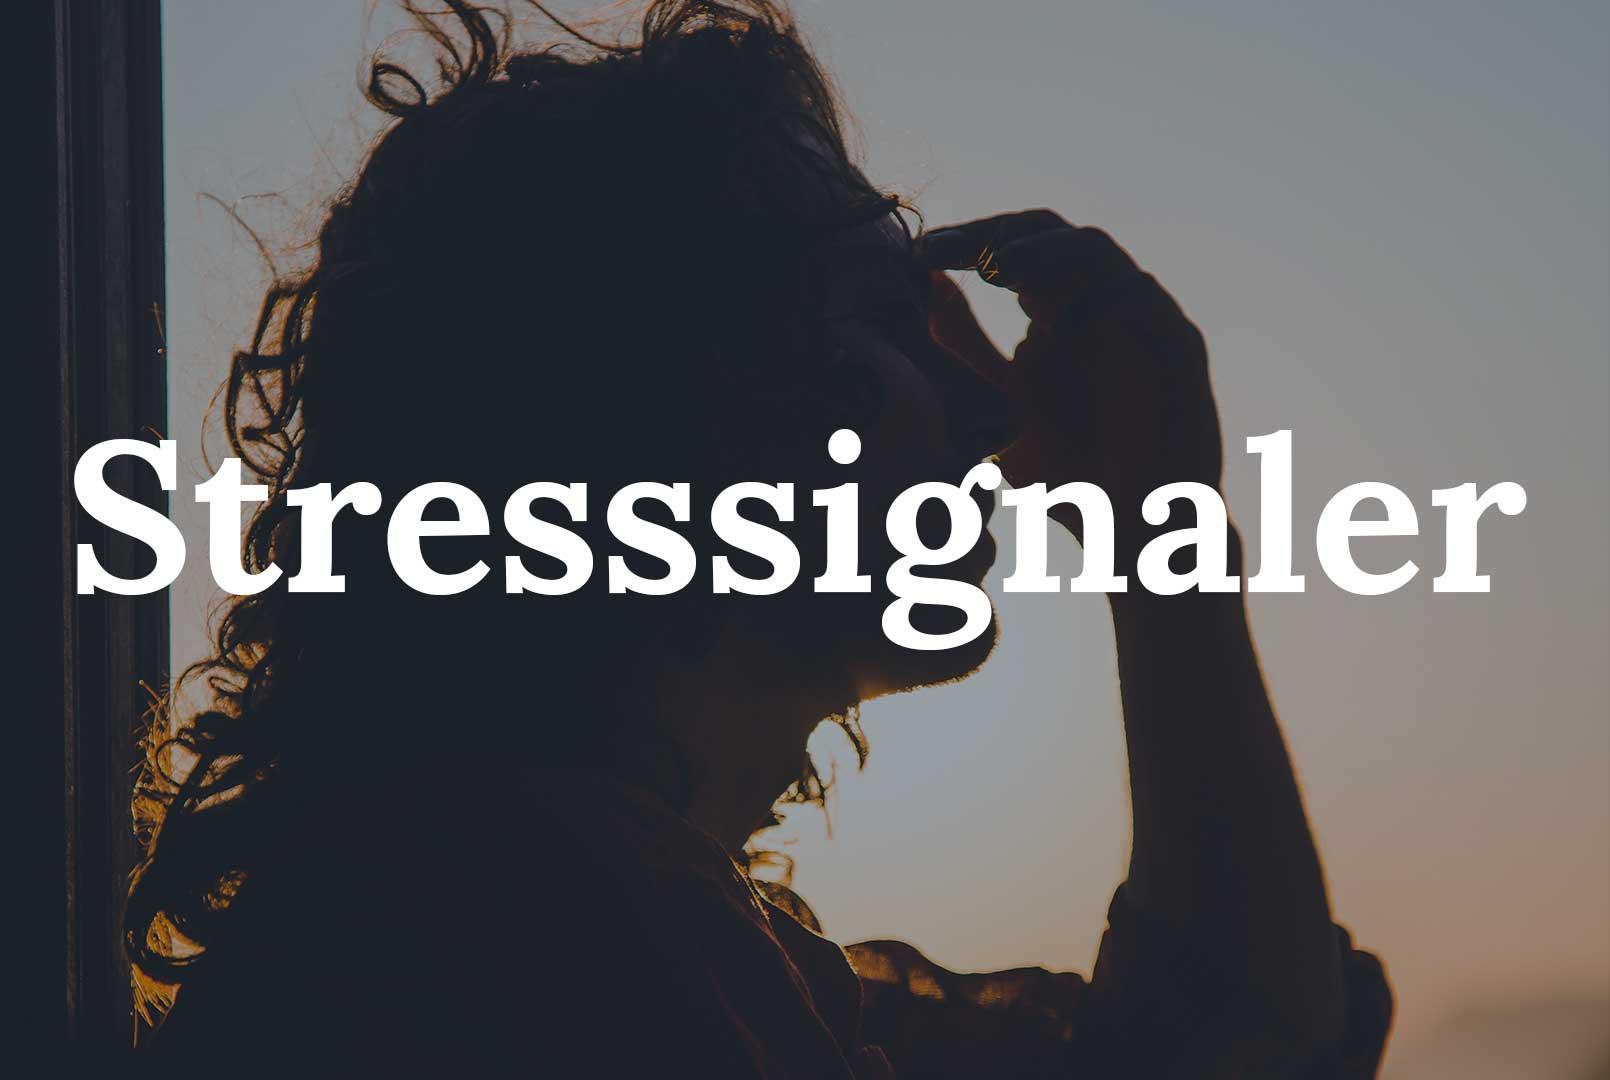 Stresssignaler